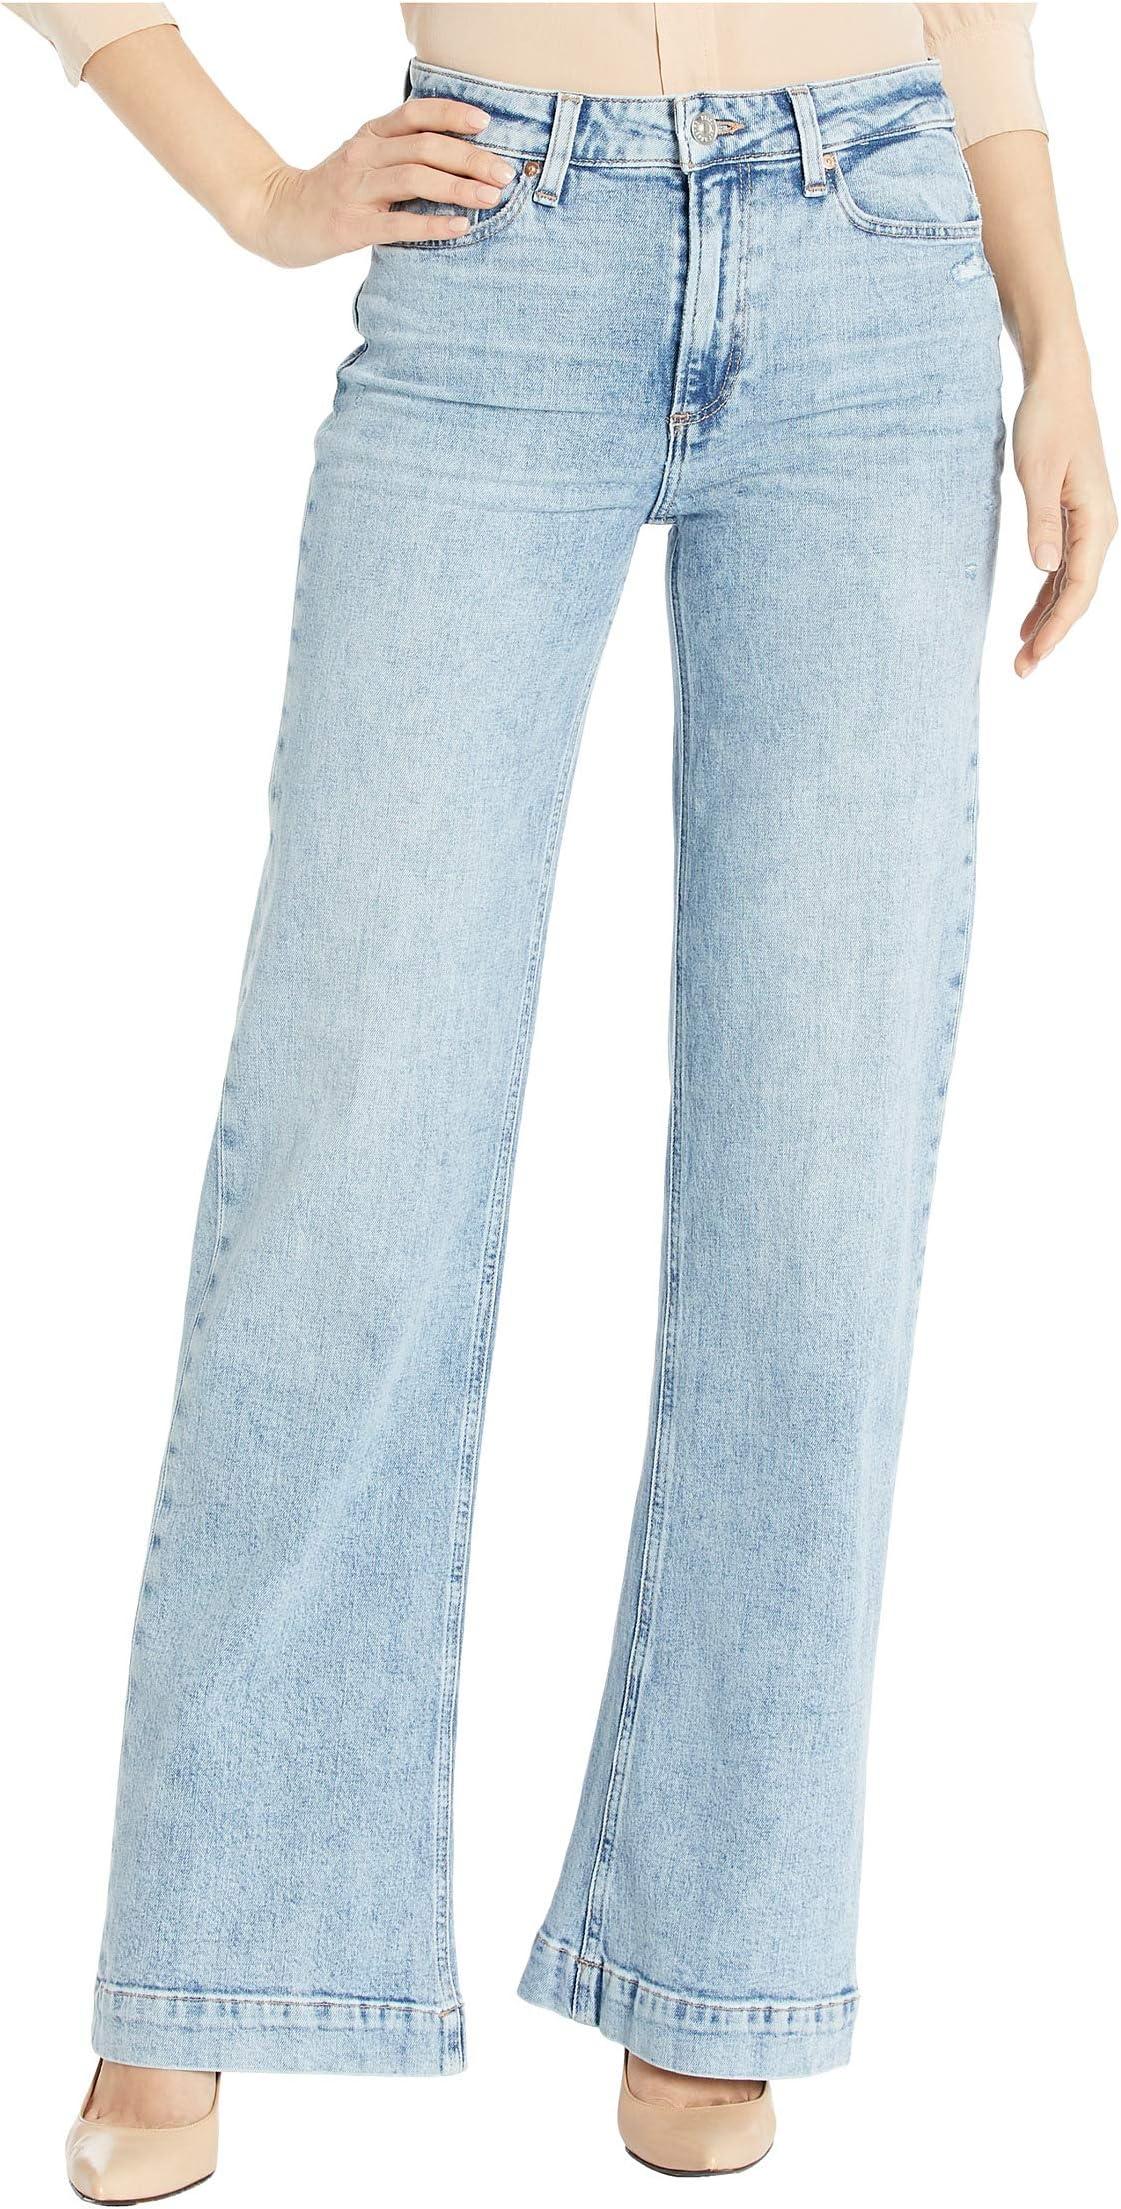 Paige Leenah Jeans in Liza